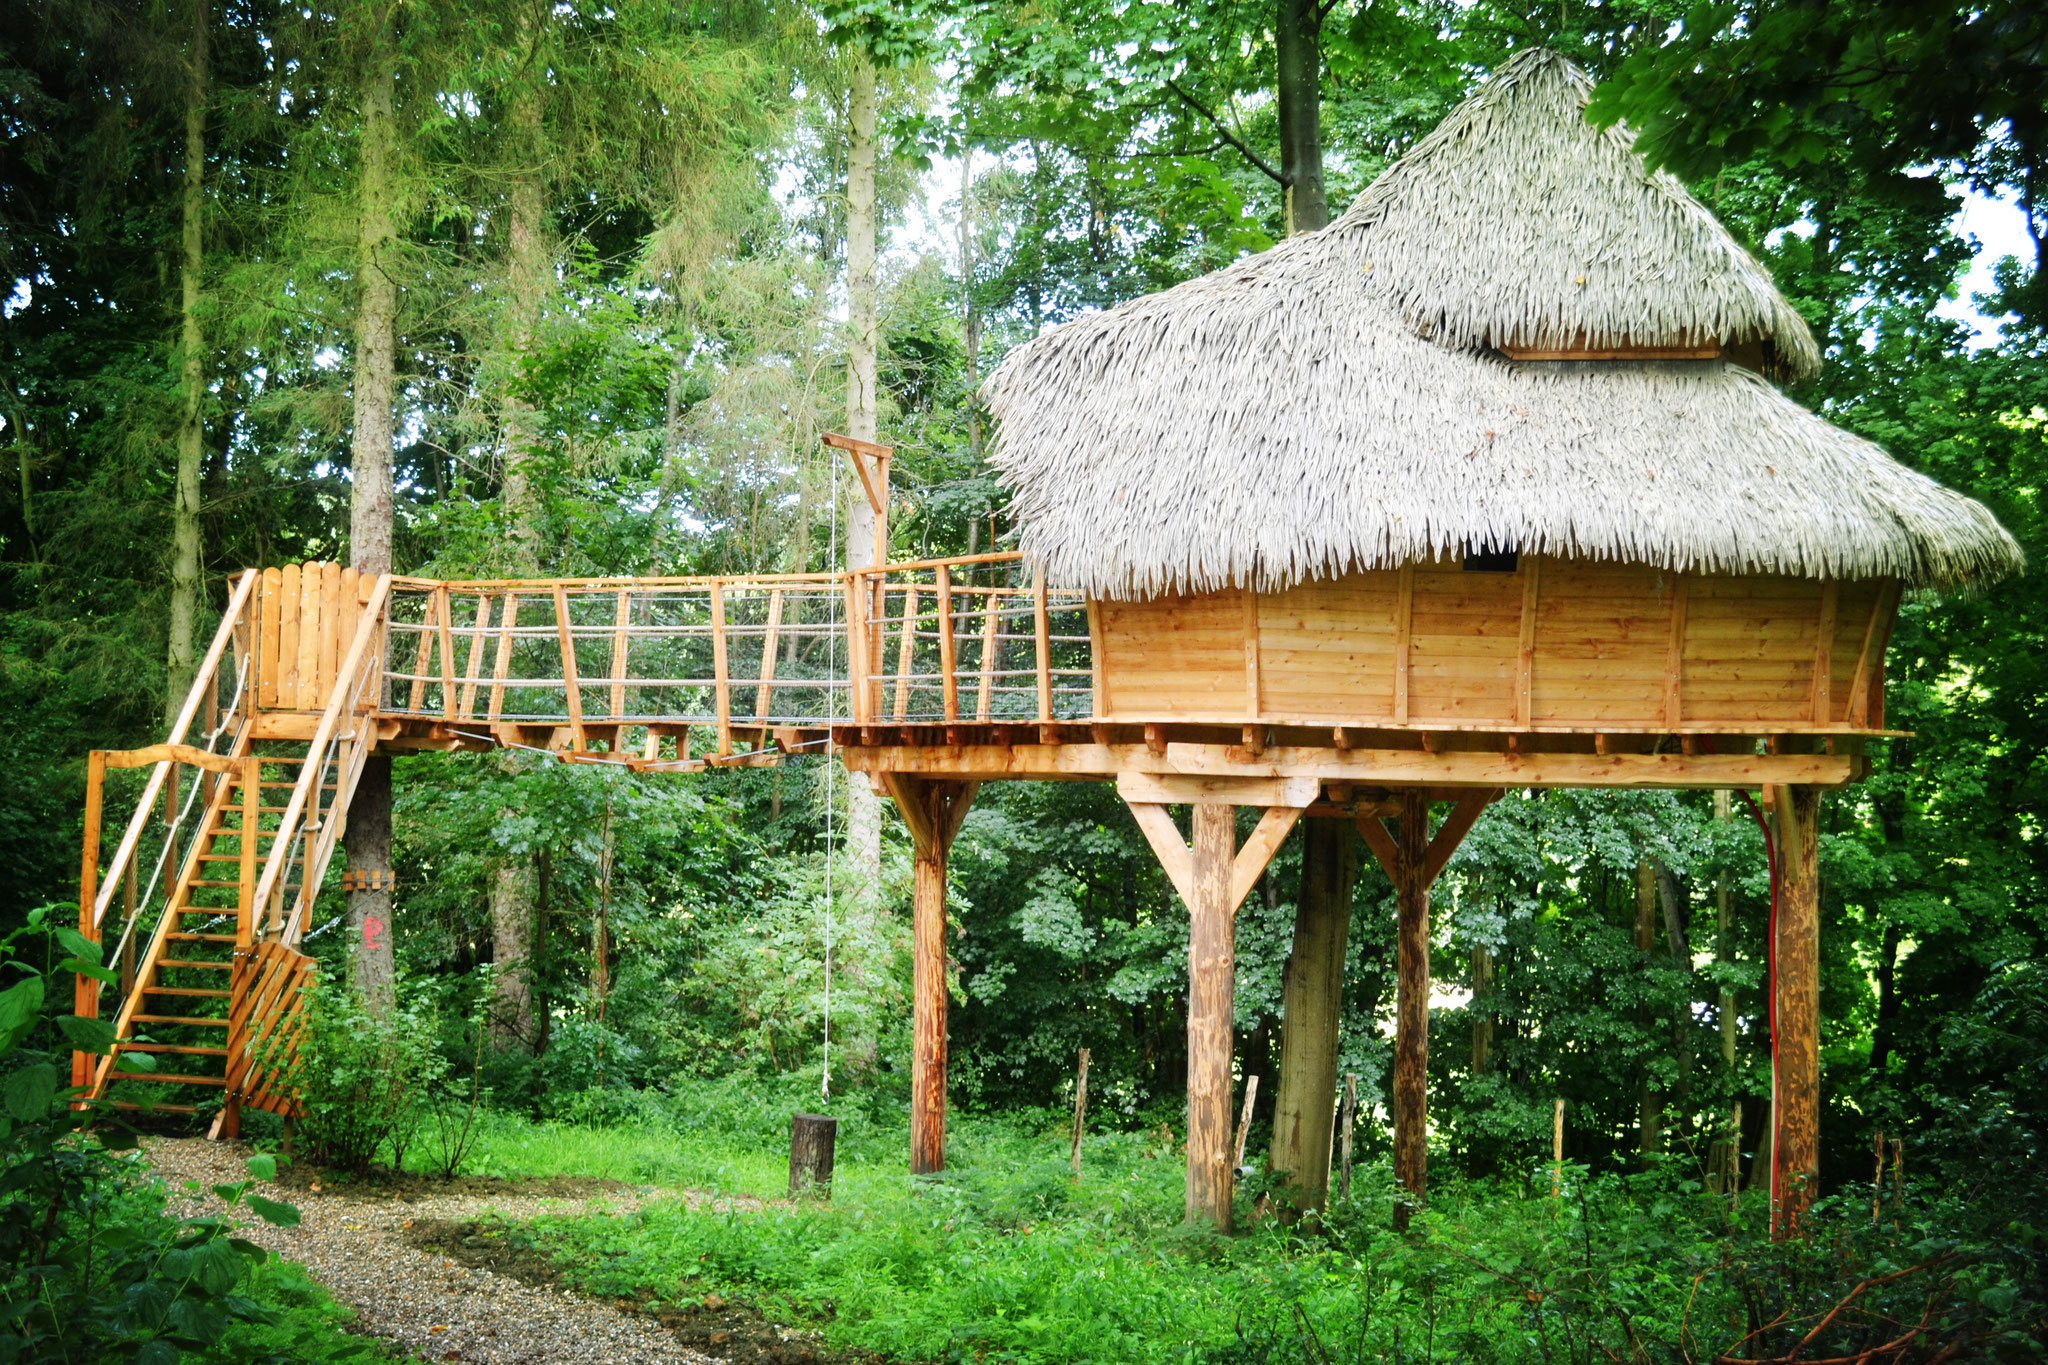 Réserver un séjour insolite dans une cabane romantique avec sauna à Le Crotoy